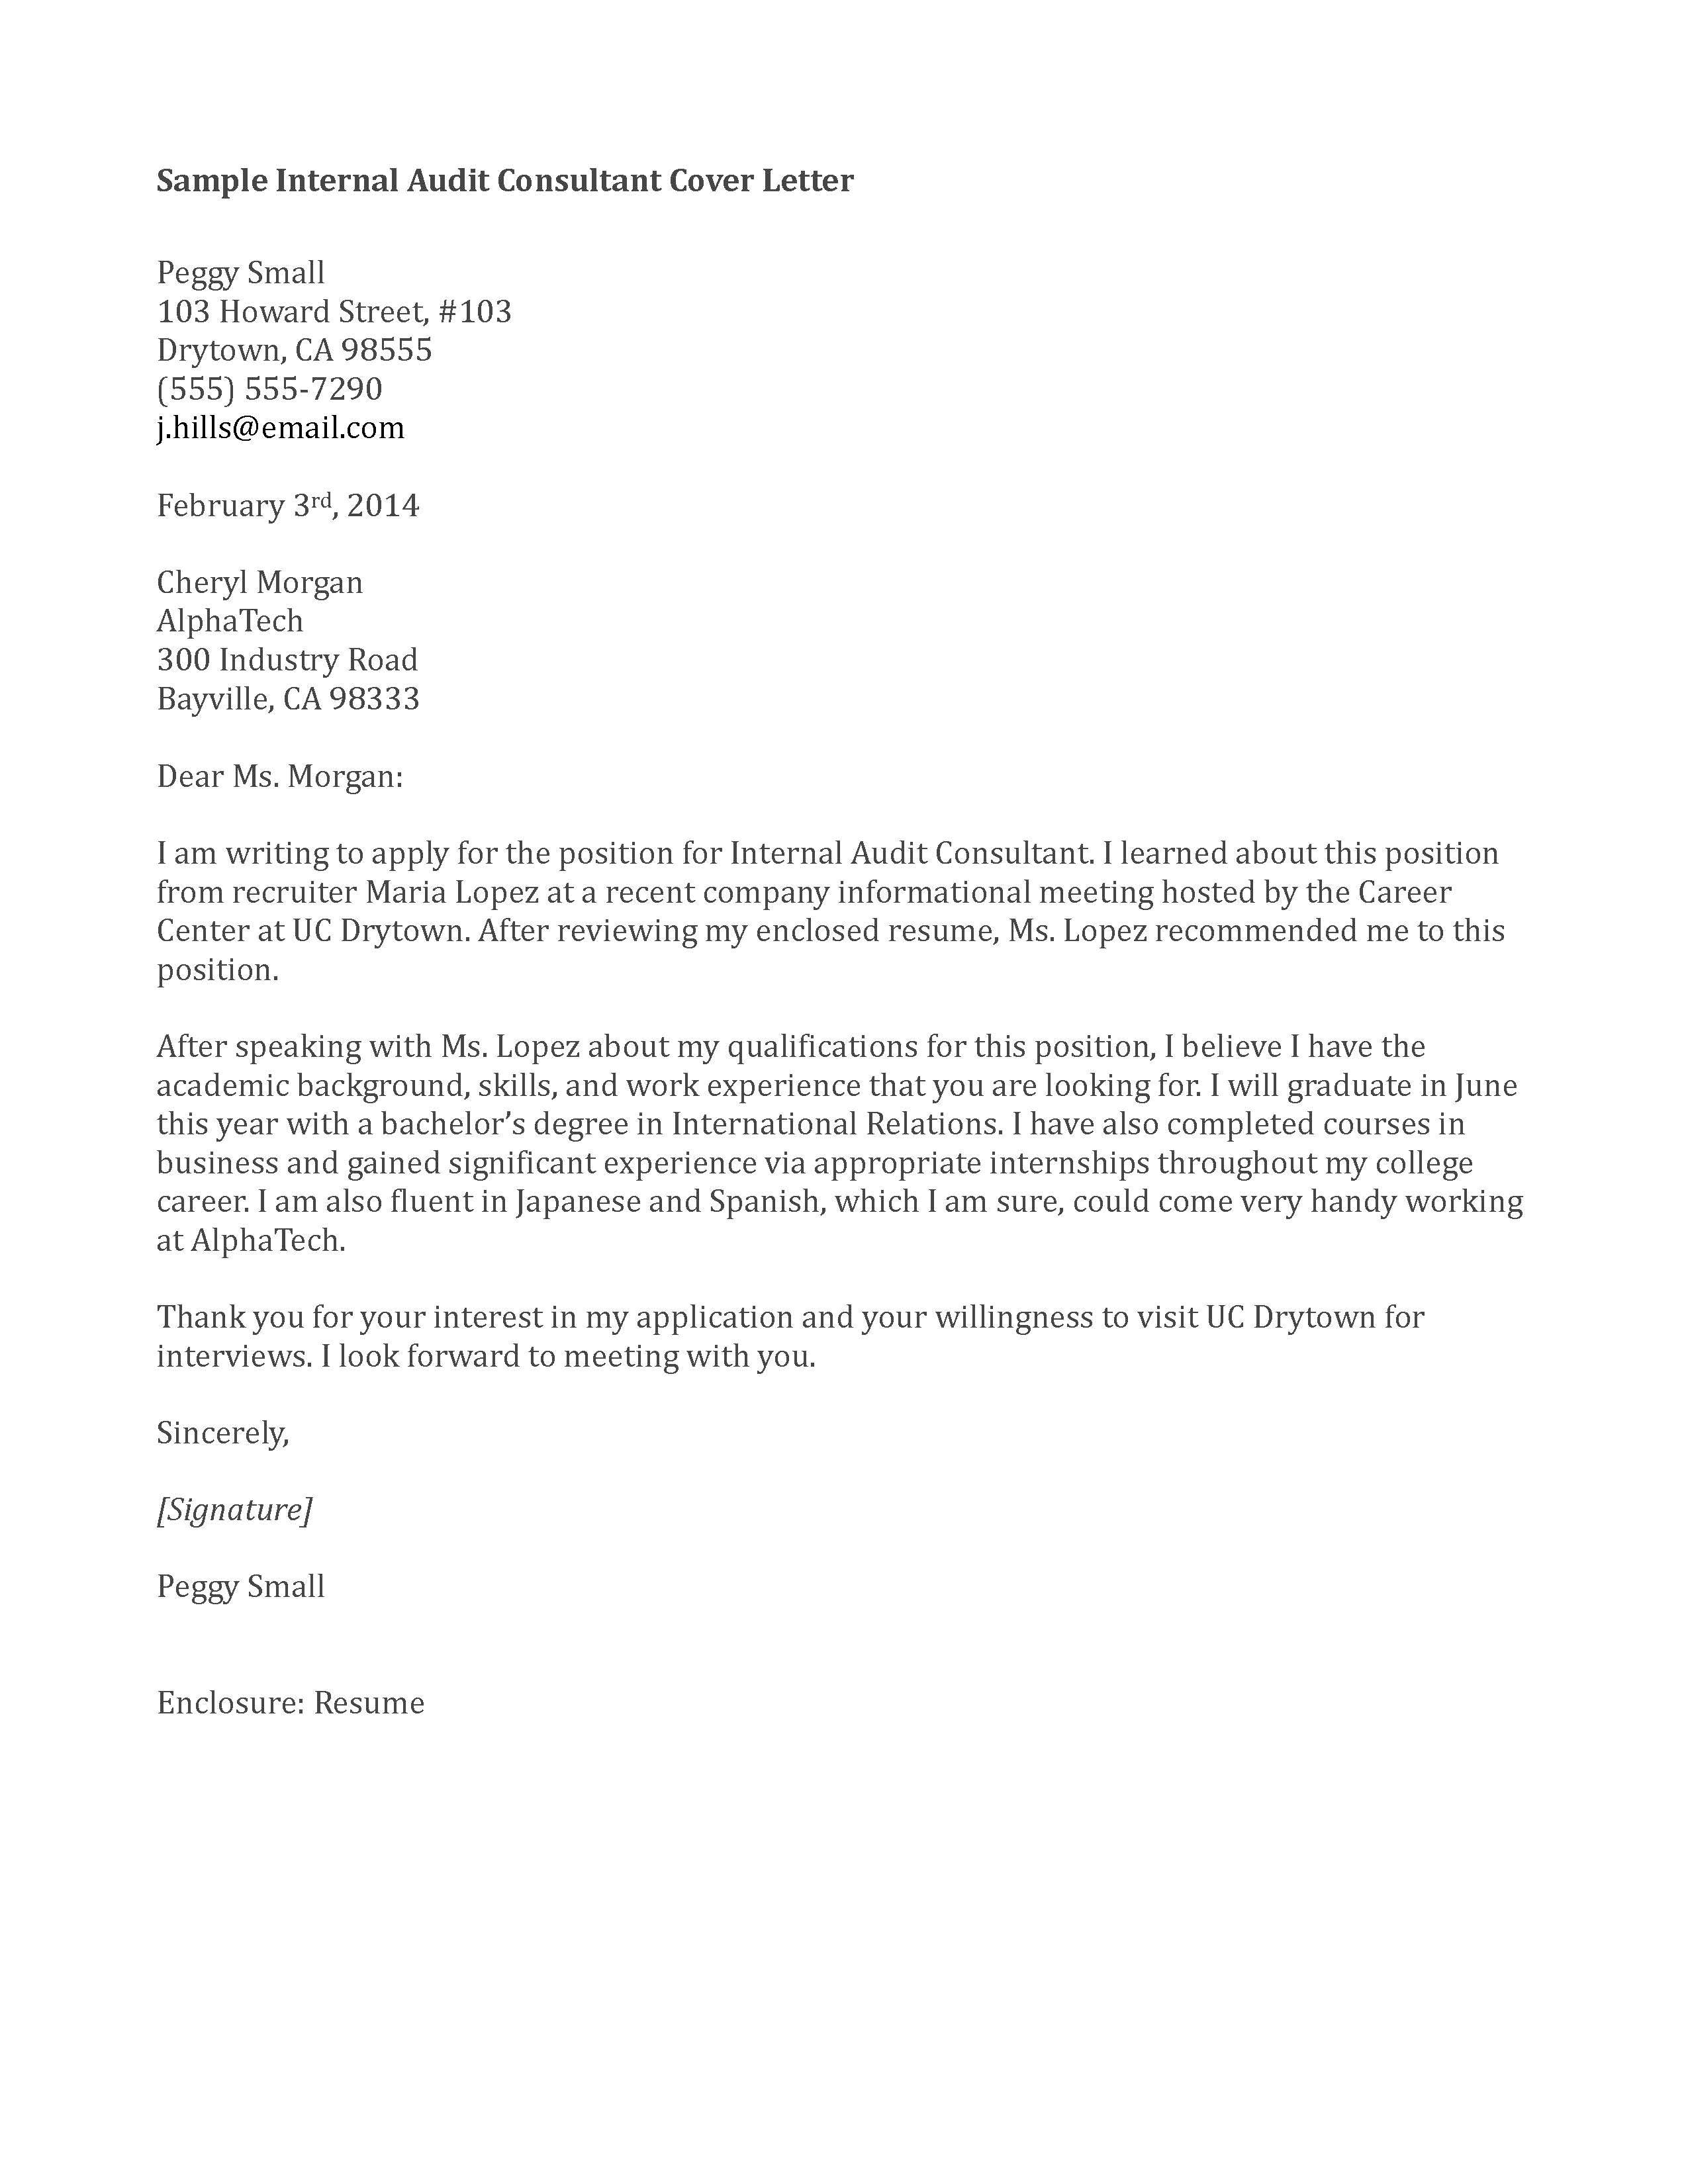 cover letter sample internal